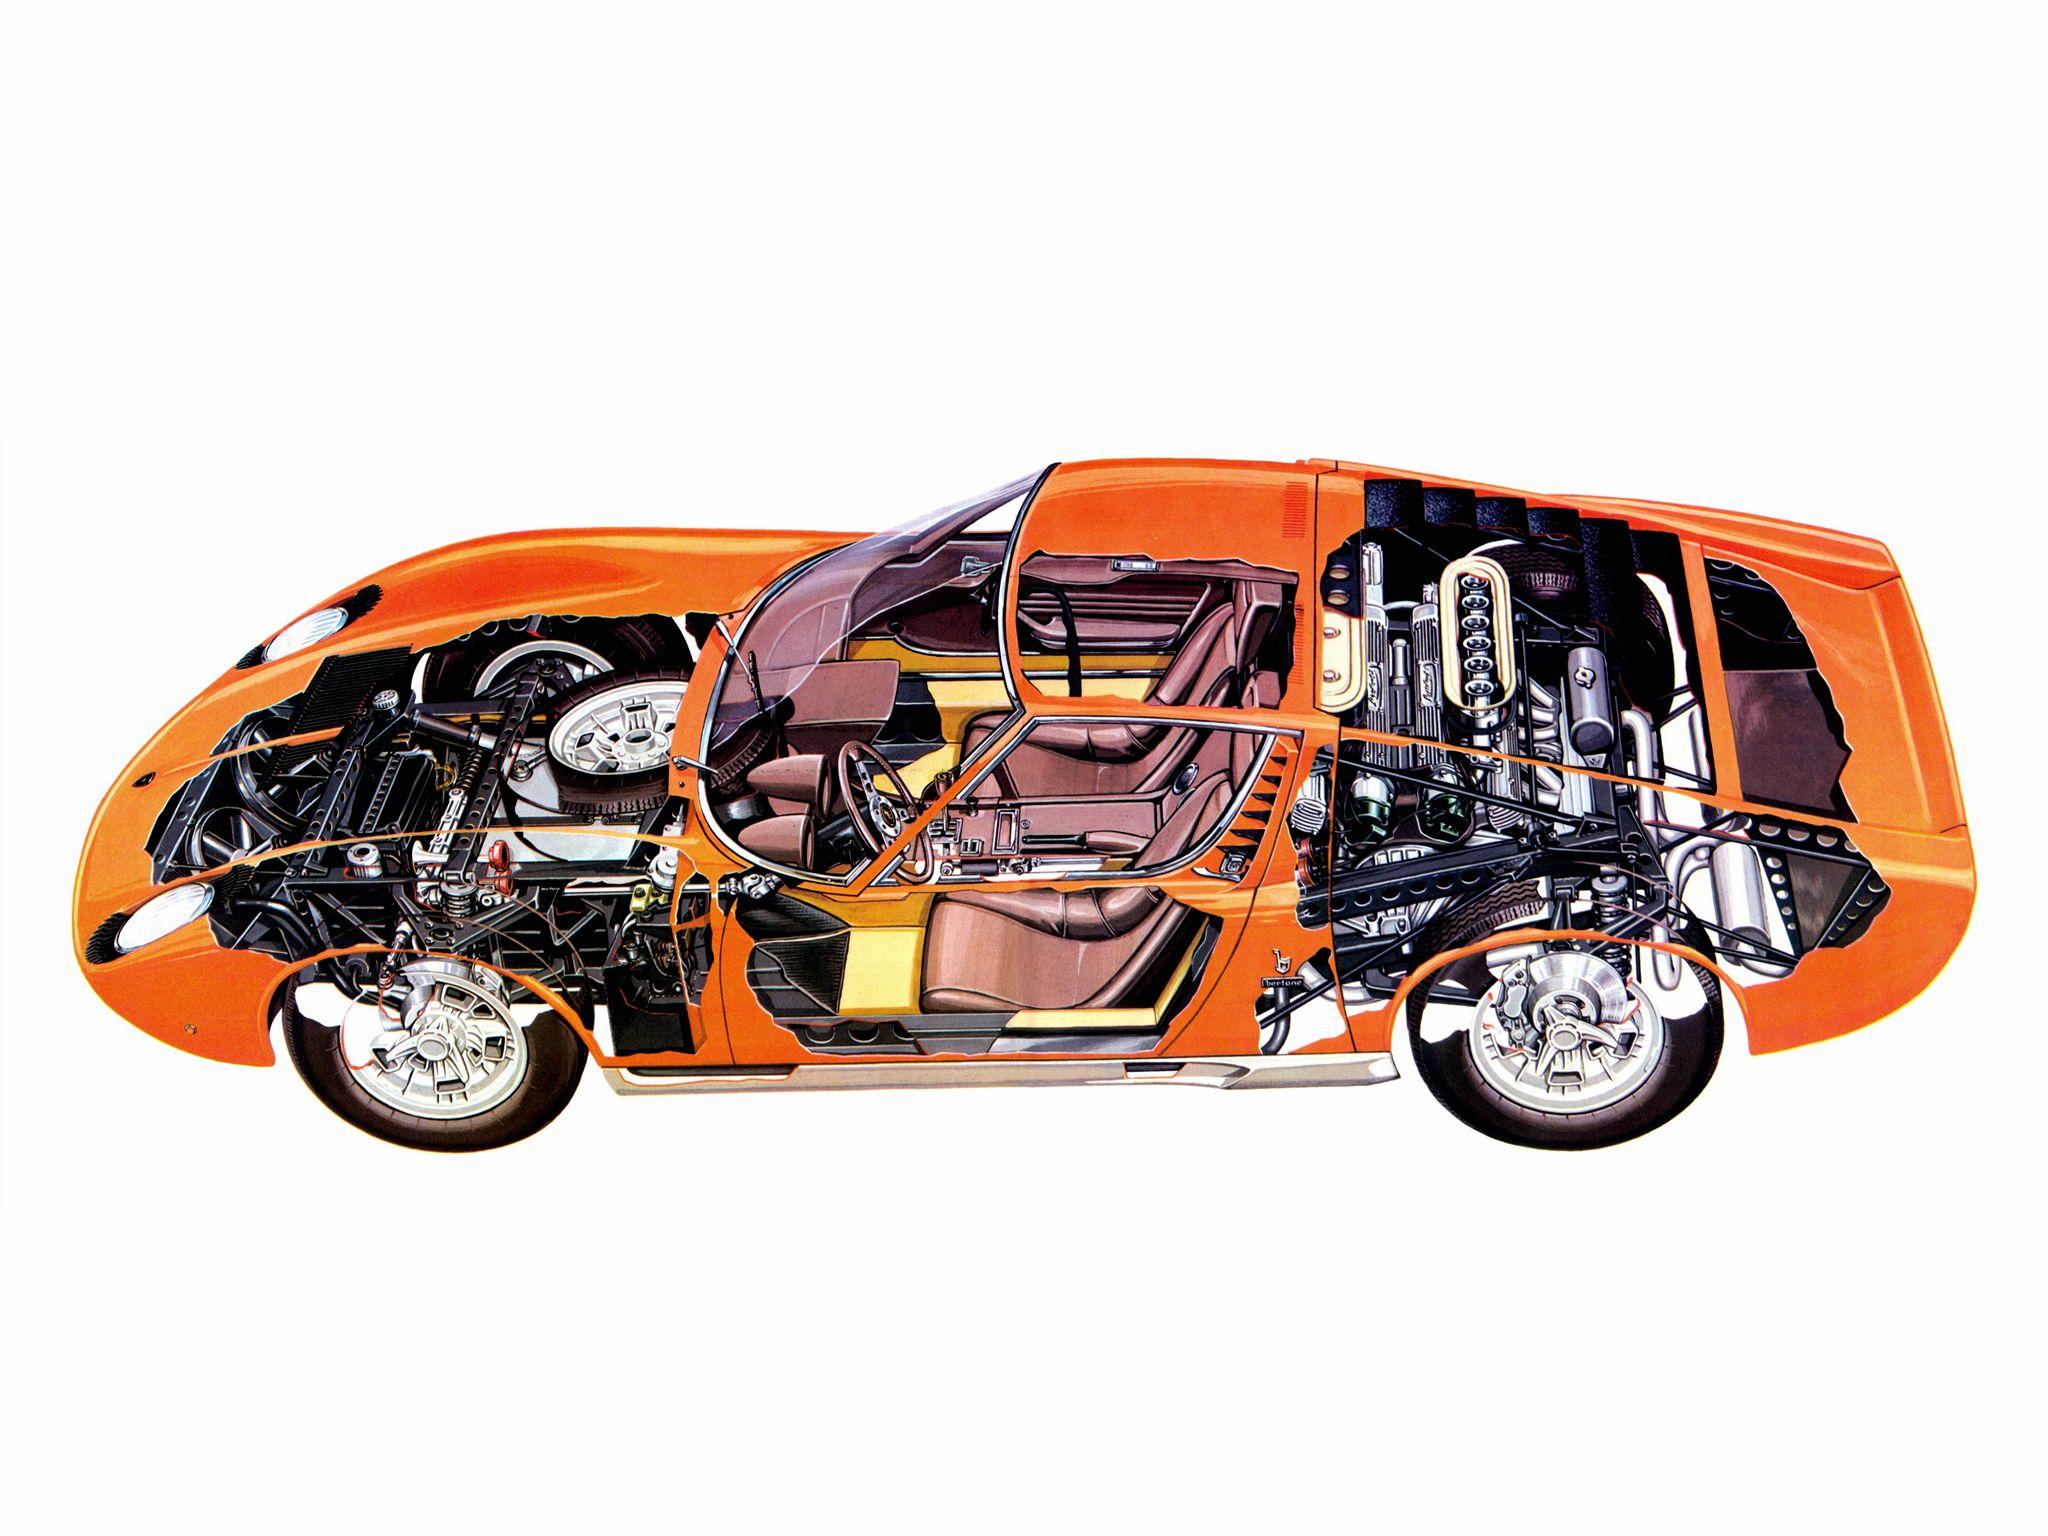 lamborghini miura p400 bertone 1966 69 cutaway